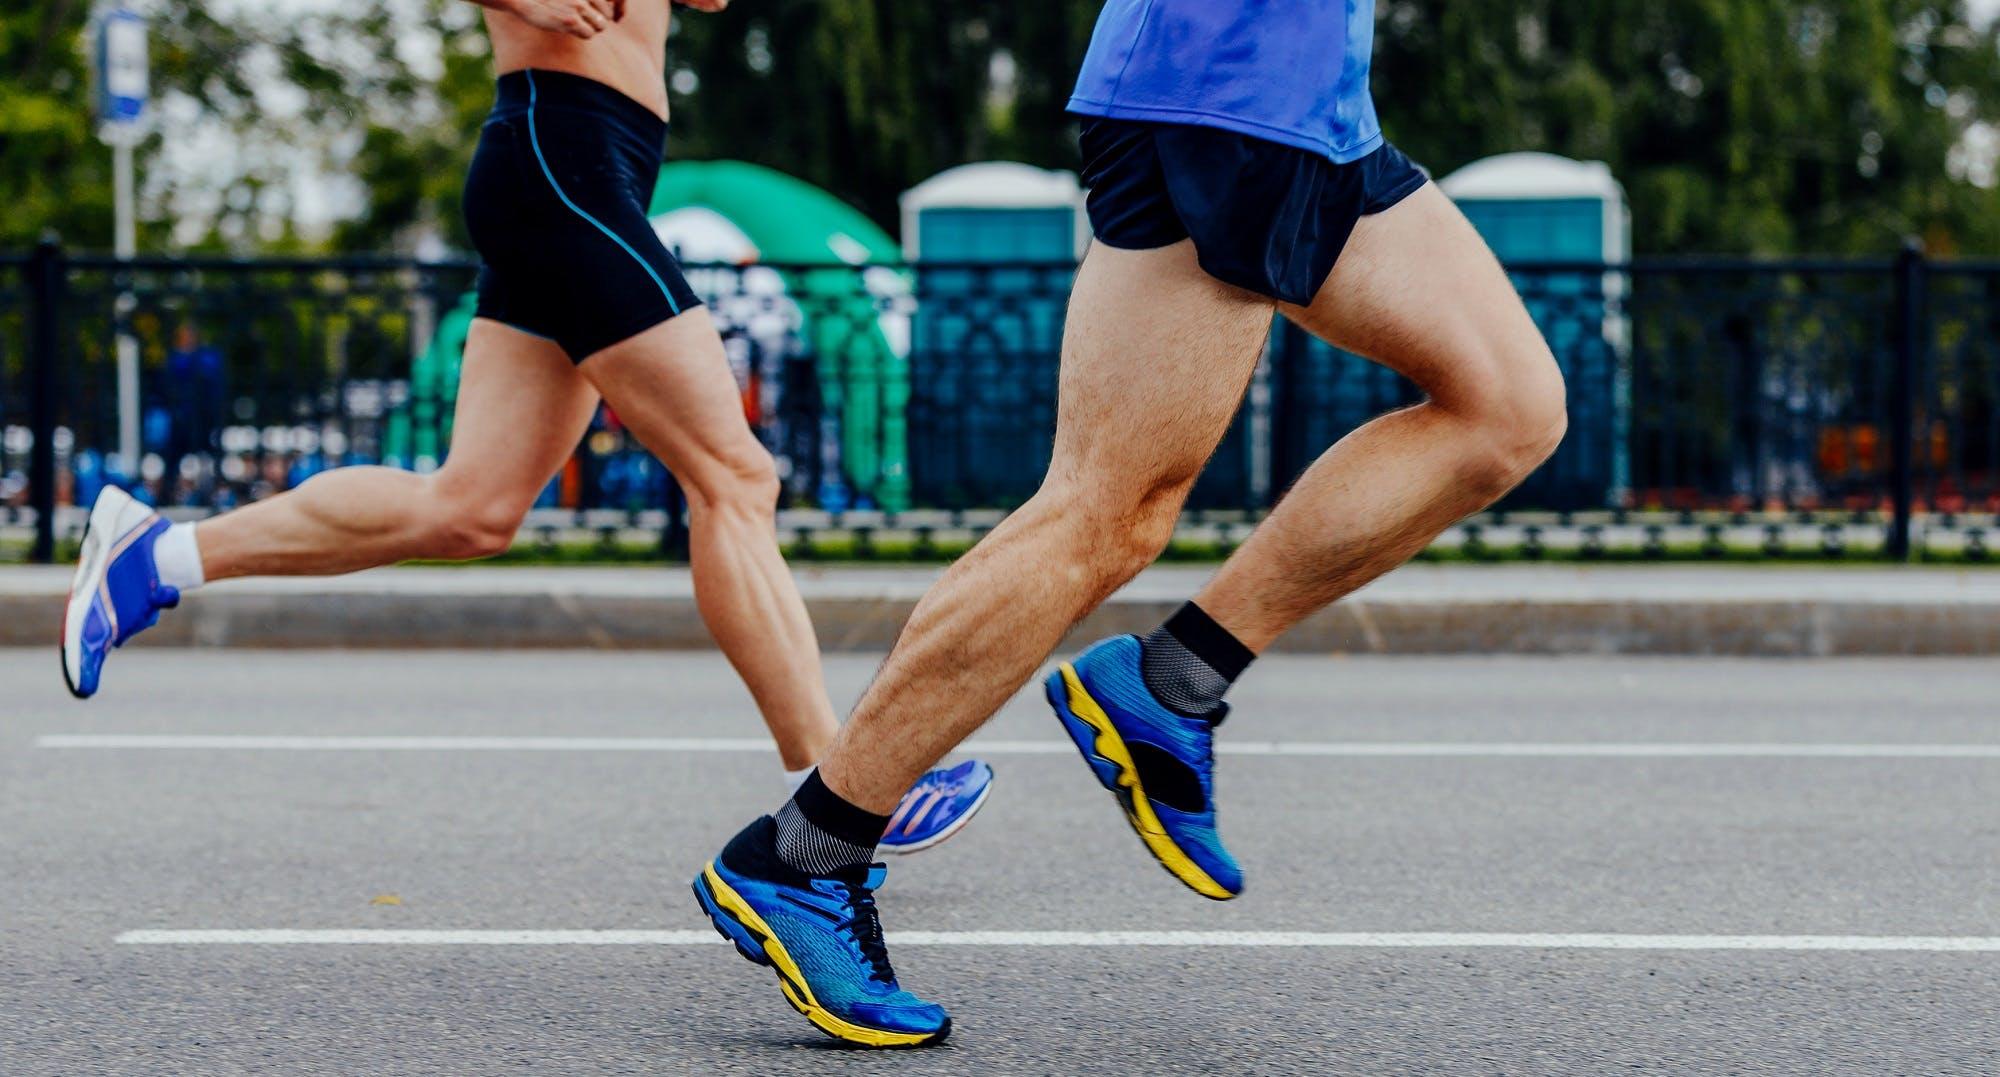 Μεικτή διαλειμματική στο τρίαθλο και το τρέξιμο